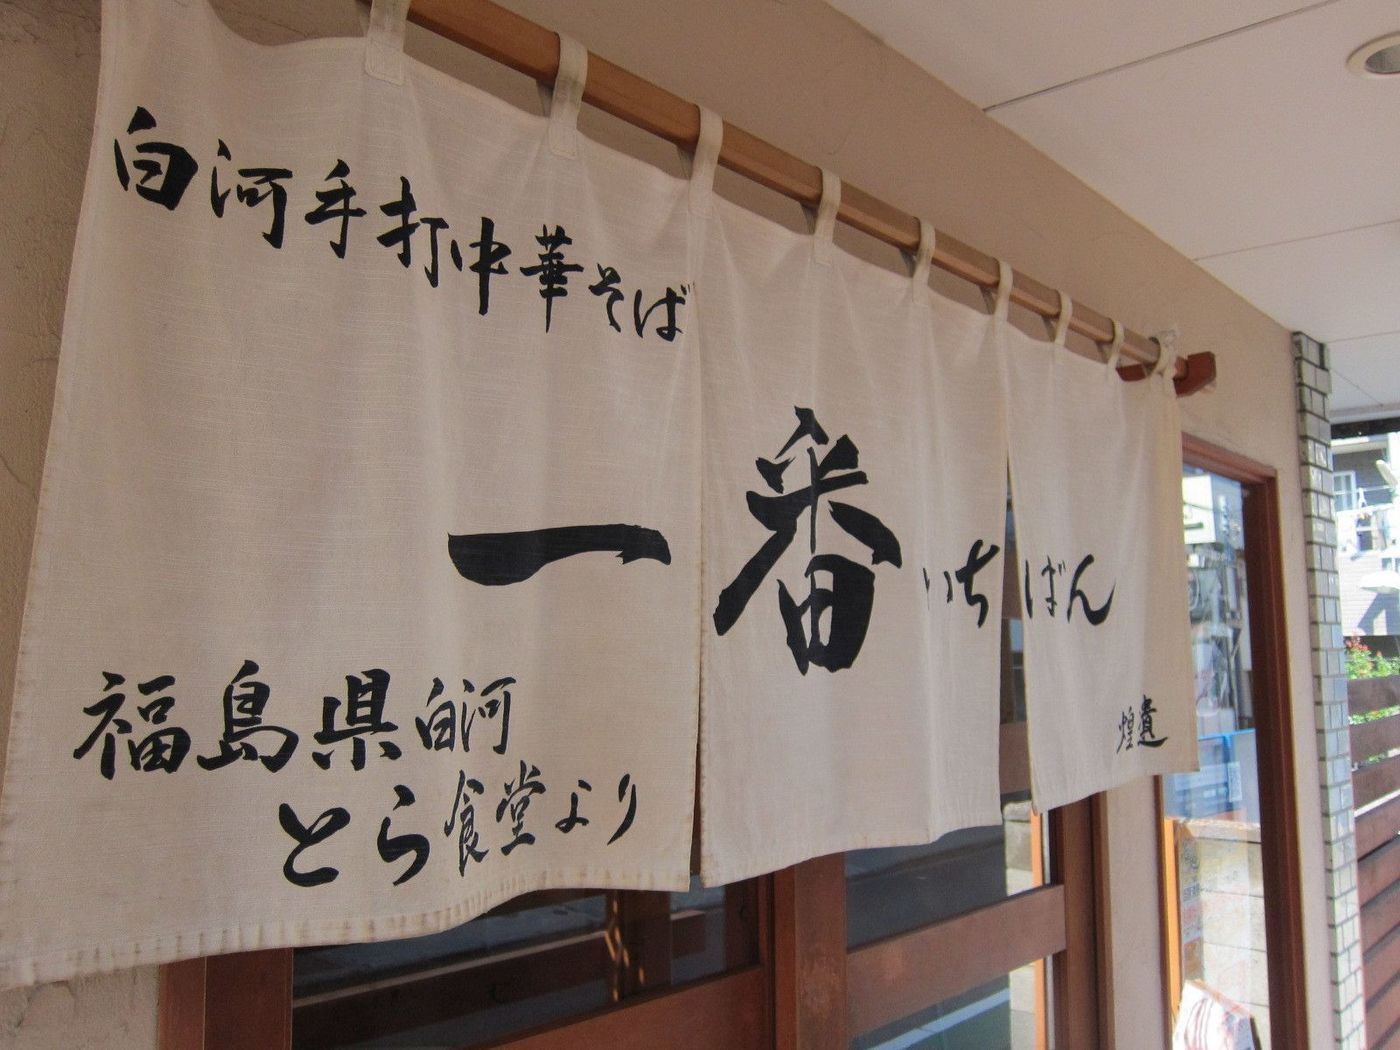 【注目】ラーメン激戦区の町田でつけ麺を食べるならここ☆の画像